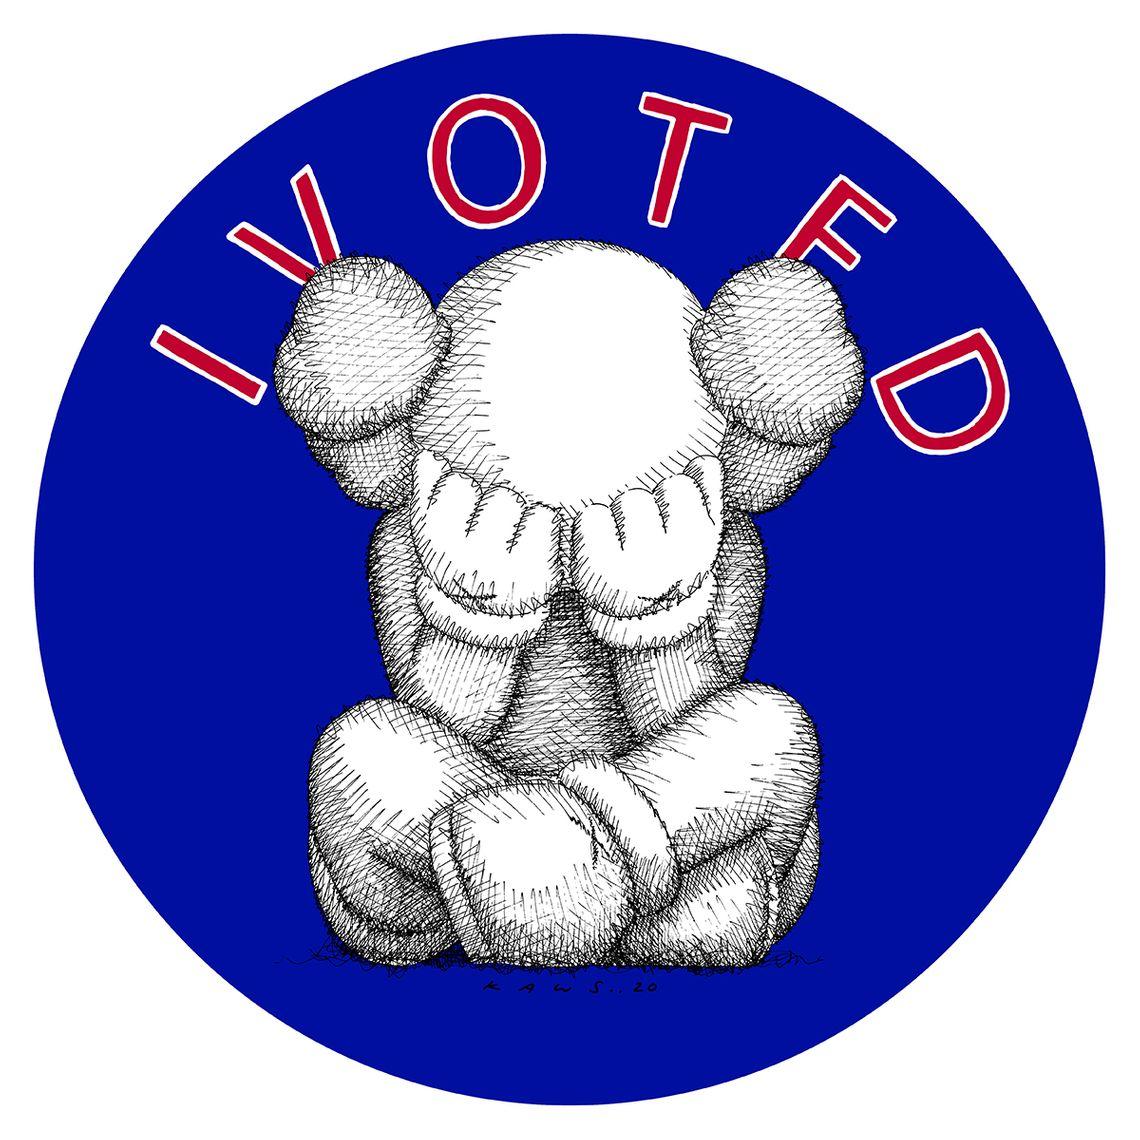 Kaws' 'I Voted' sticker, via New York Magazine.